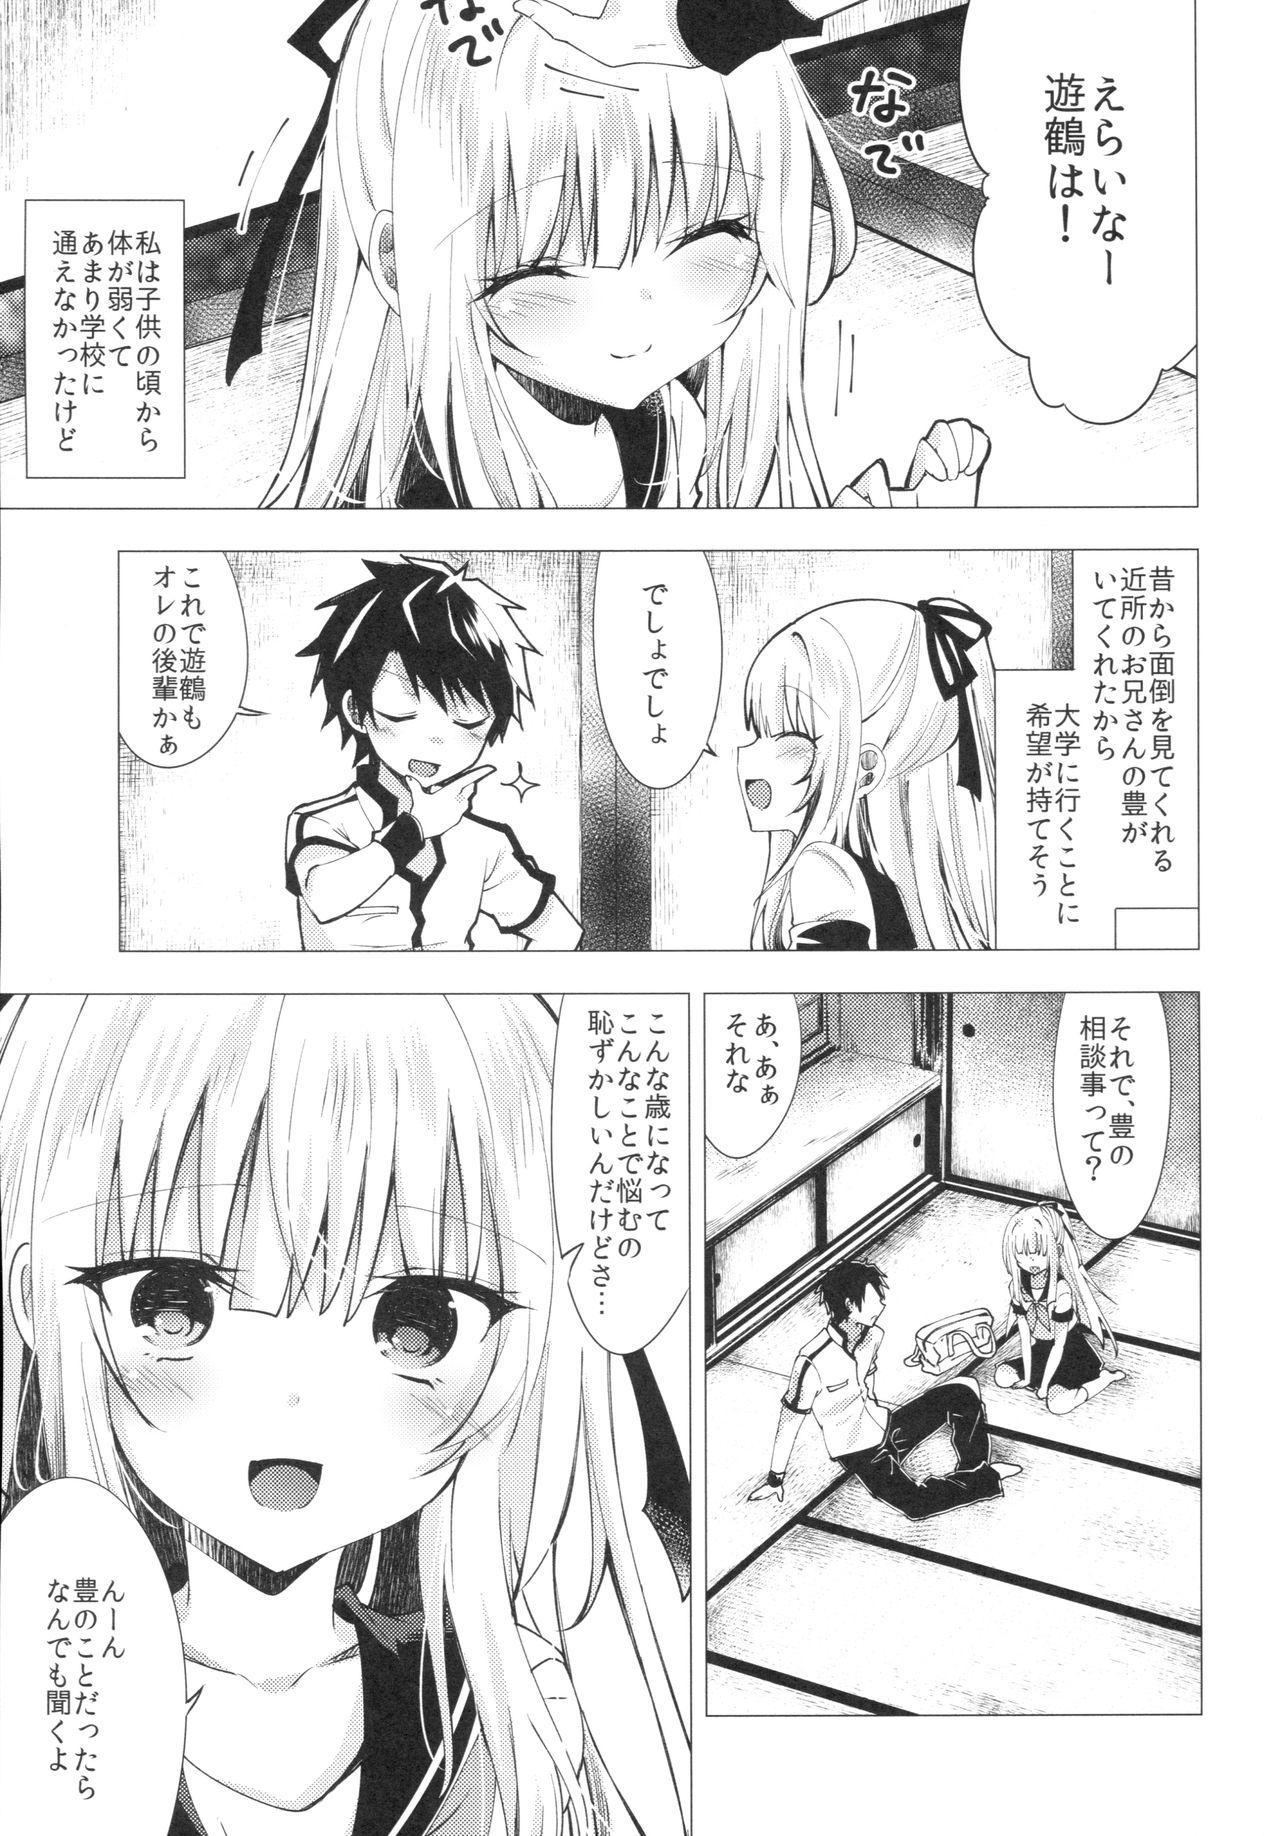 Tsumetai Binetsu 3